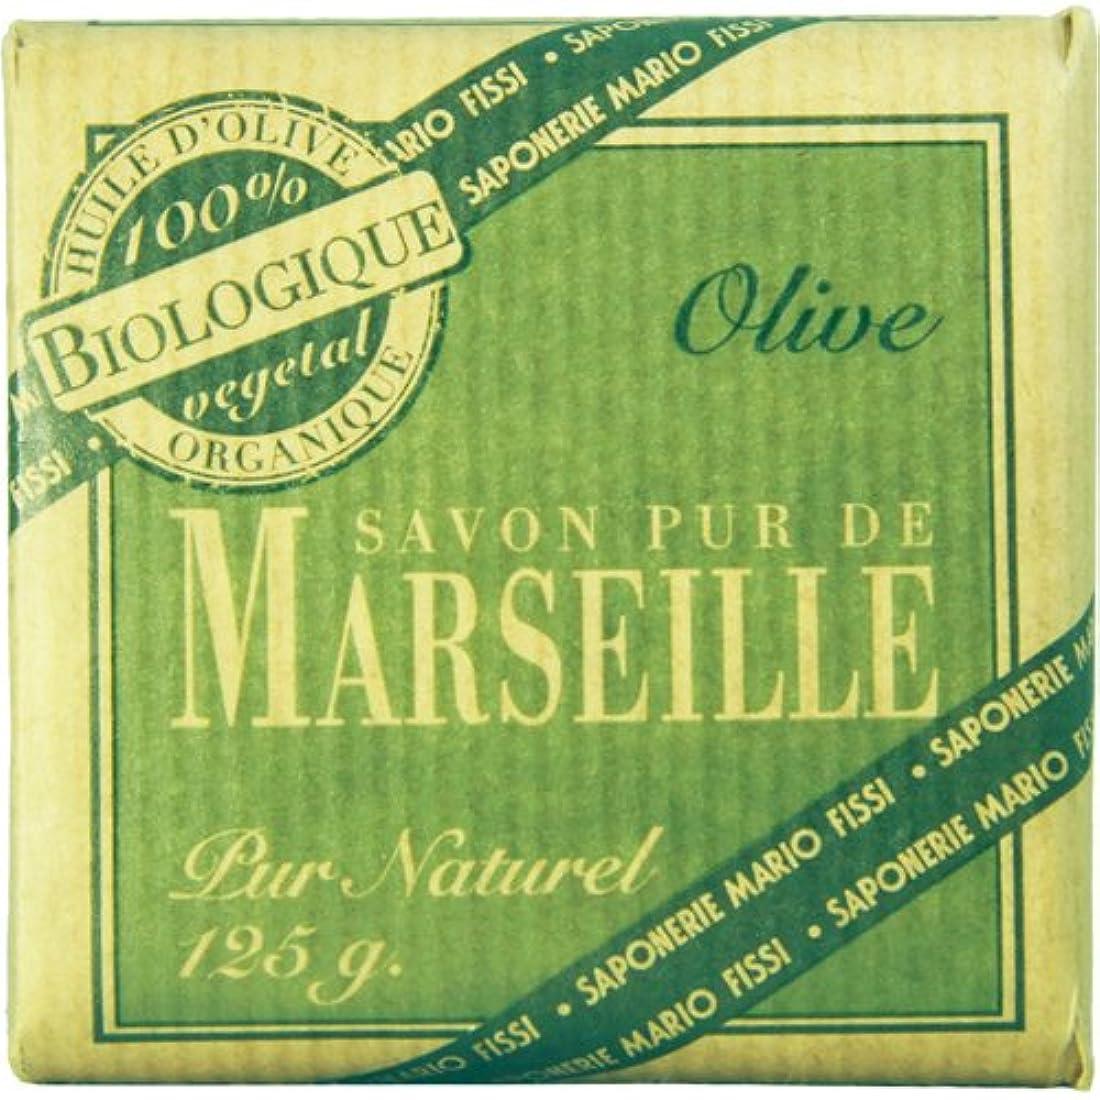 礼拝通り抜ける慣習Saponerire Fissi マルセイユシリーズ マルセイユソープ 125g Olive オリーブ